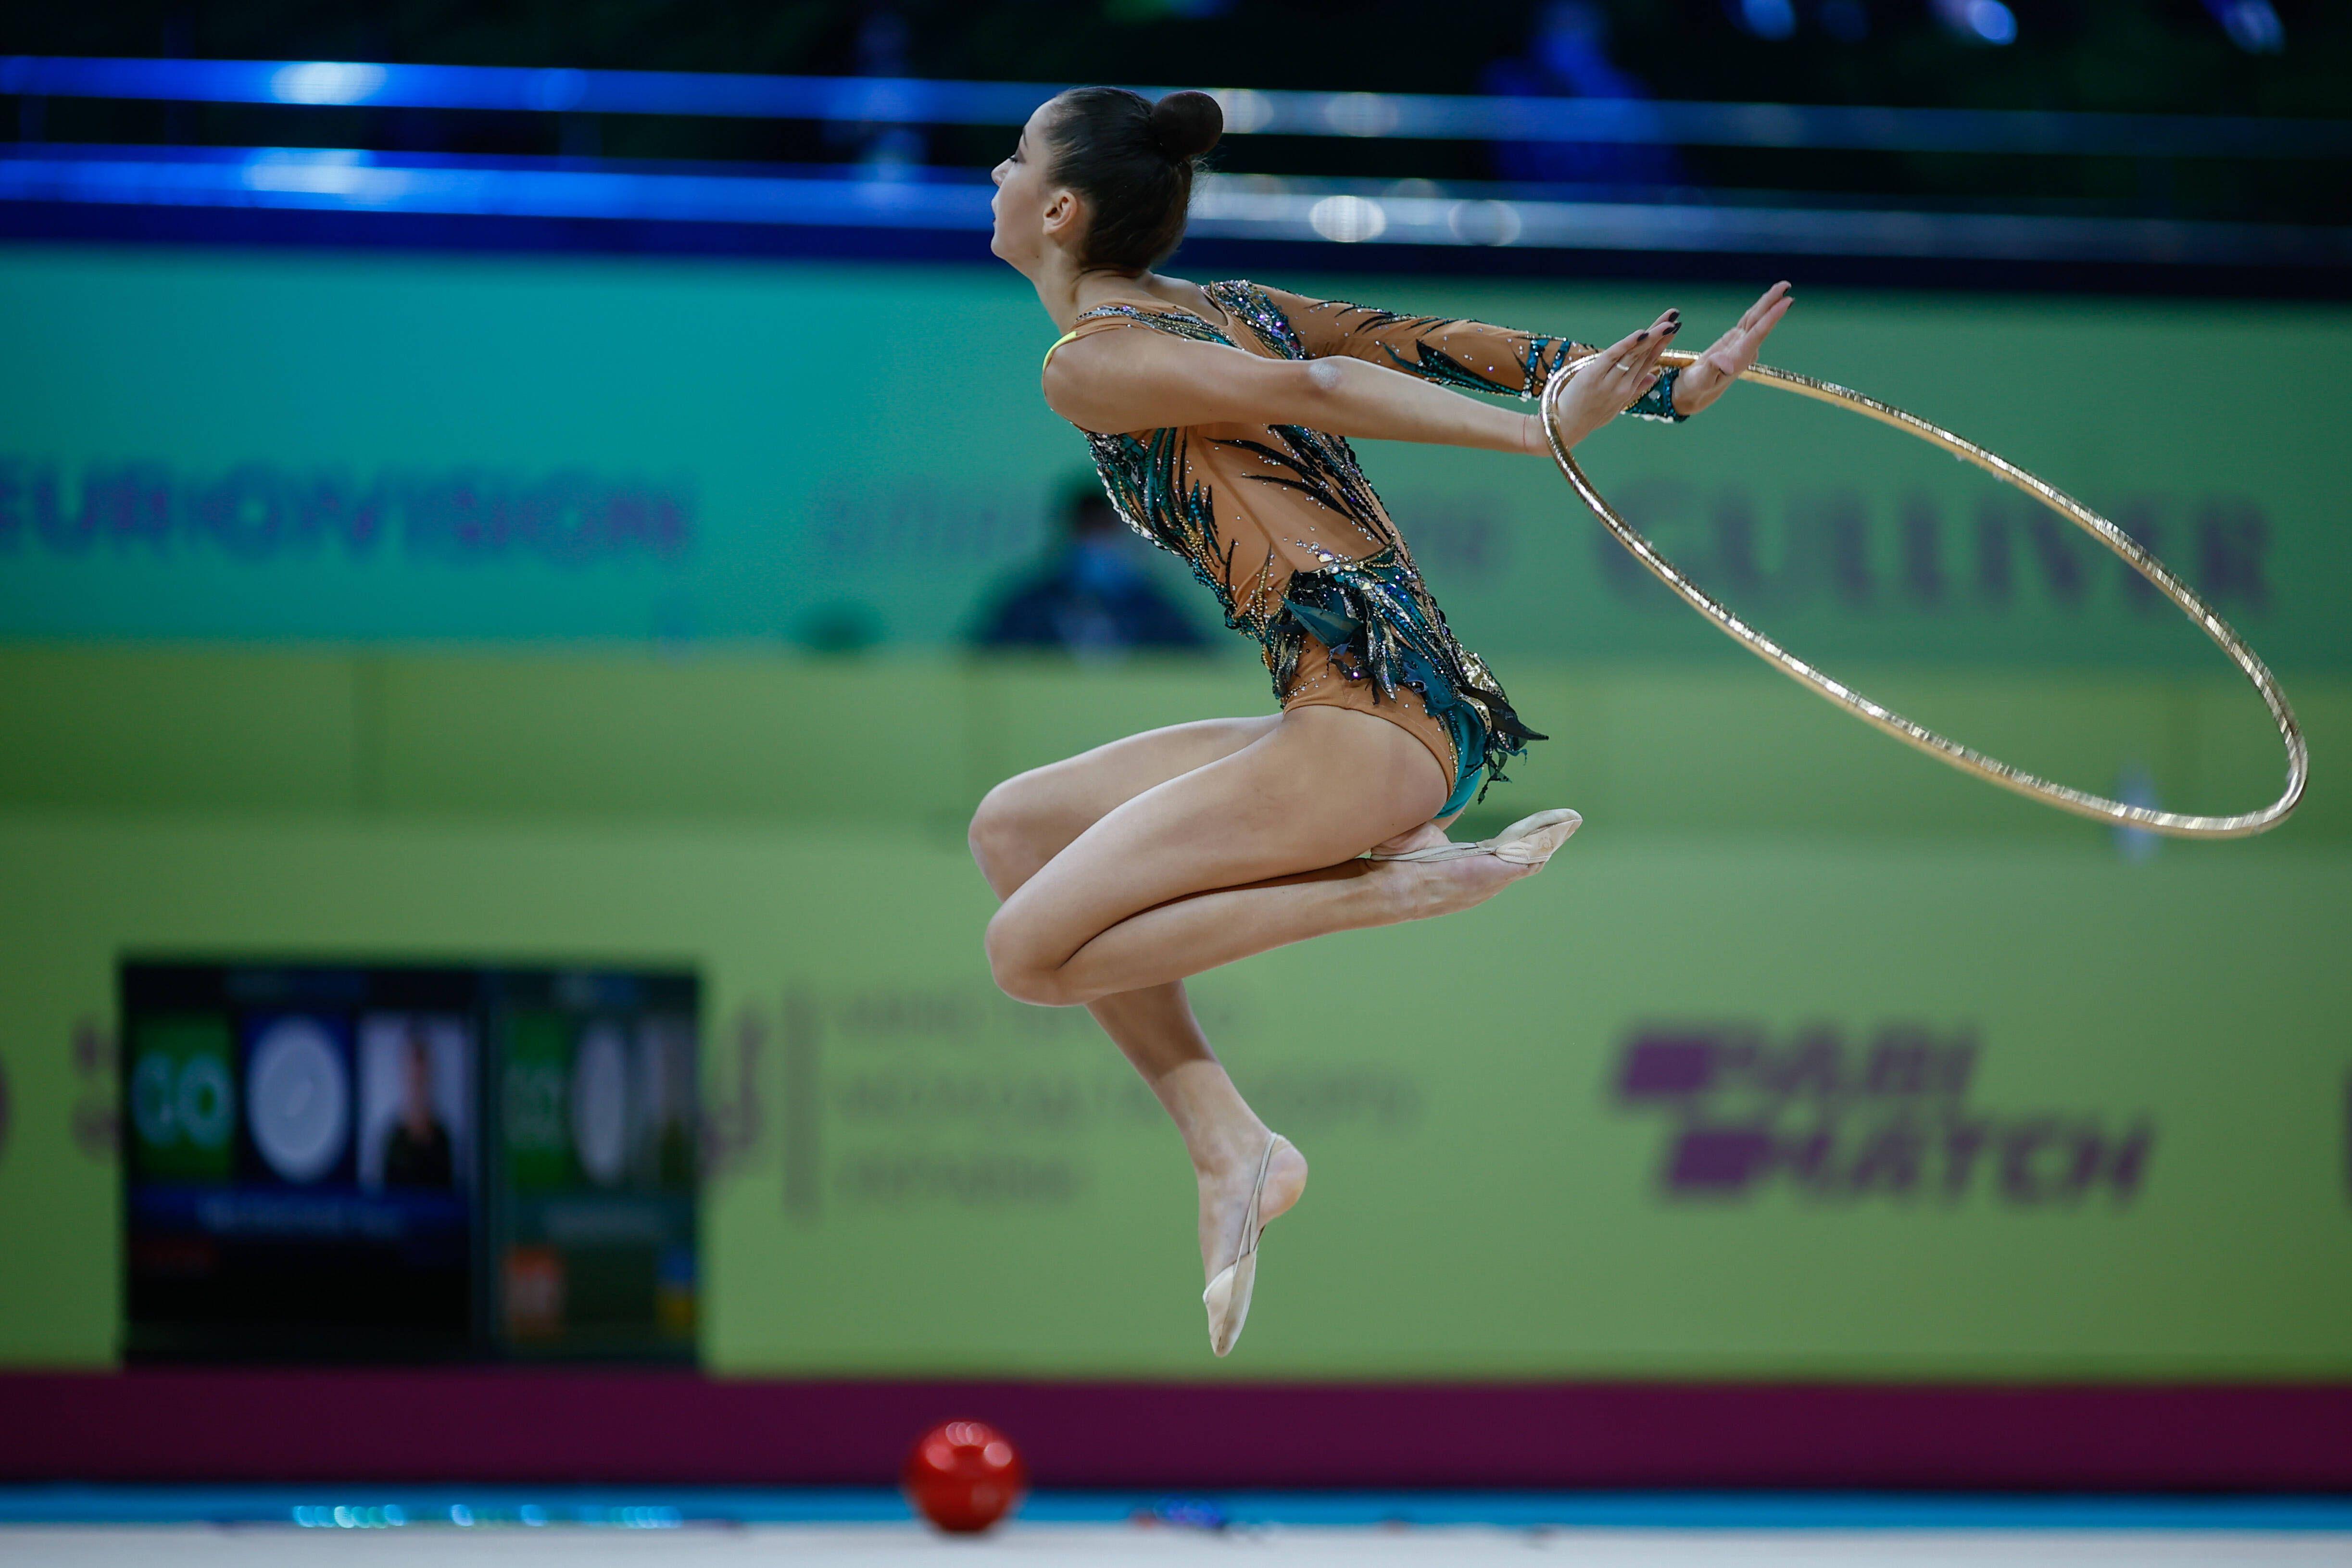 У 21-летней чемпионки Европы по художественной гимнастике Юзьвяк диагностирована онкология